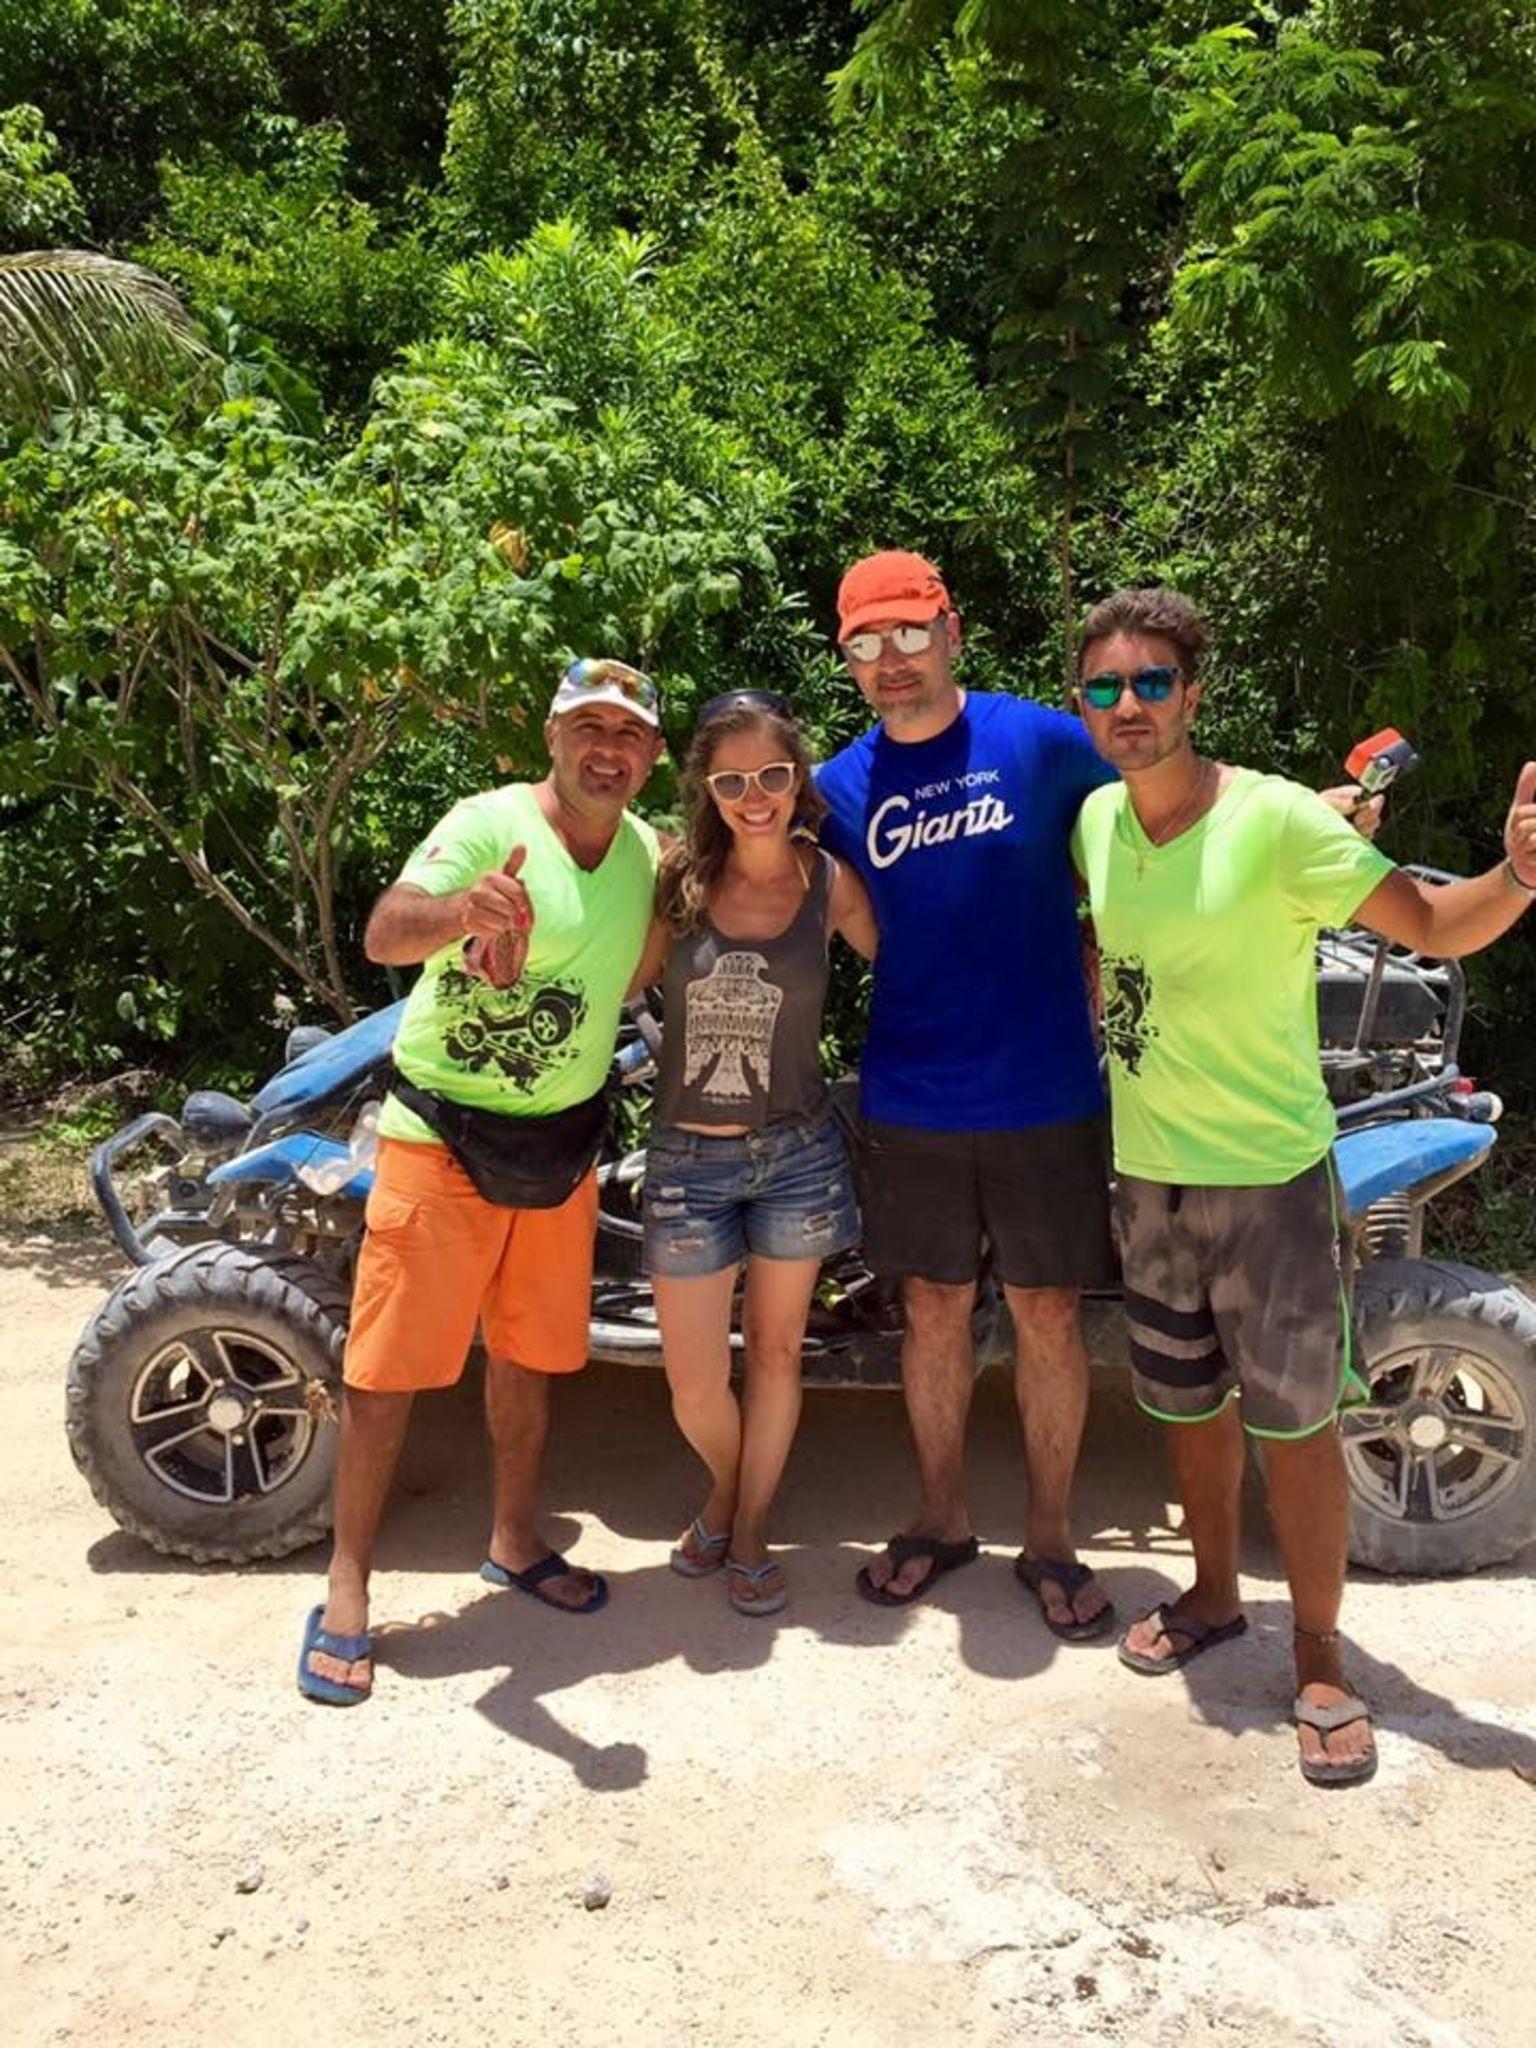 MÁS FOTOS, Recorrido en buggy por la selva desde Playa del Carmen, incluido baño en cenote